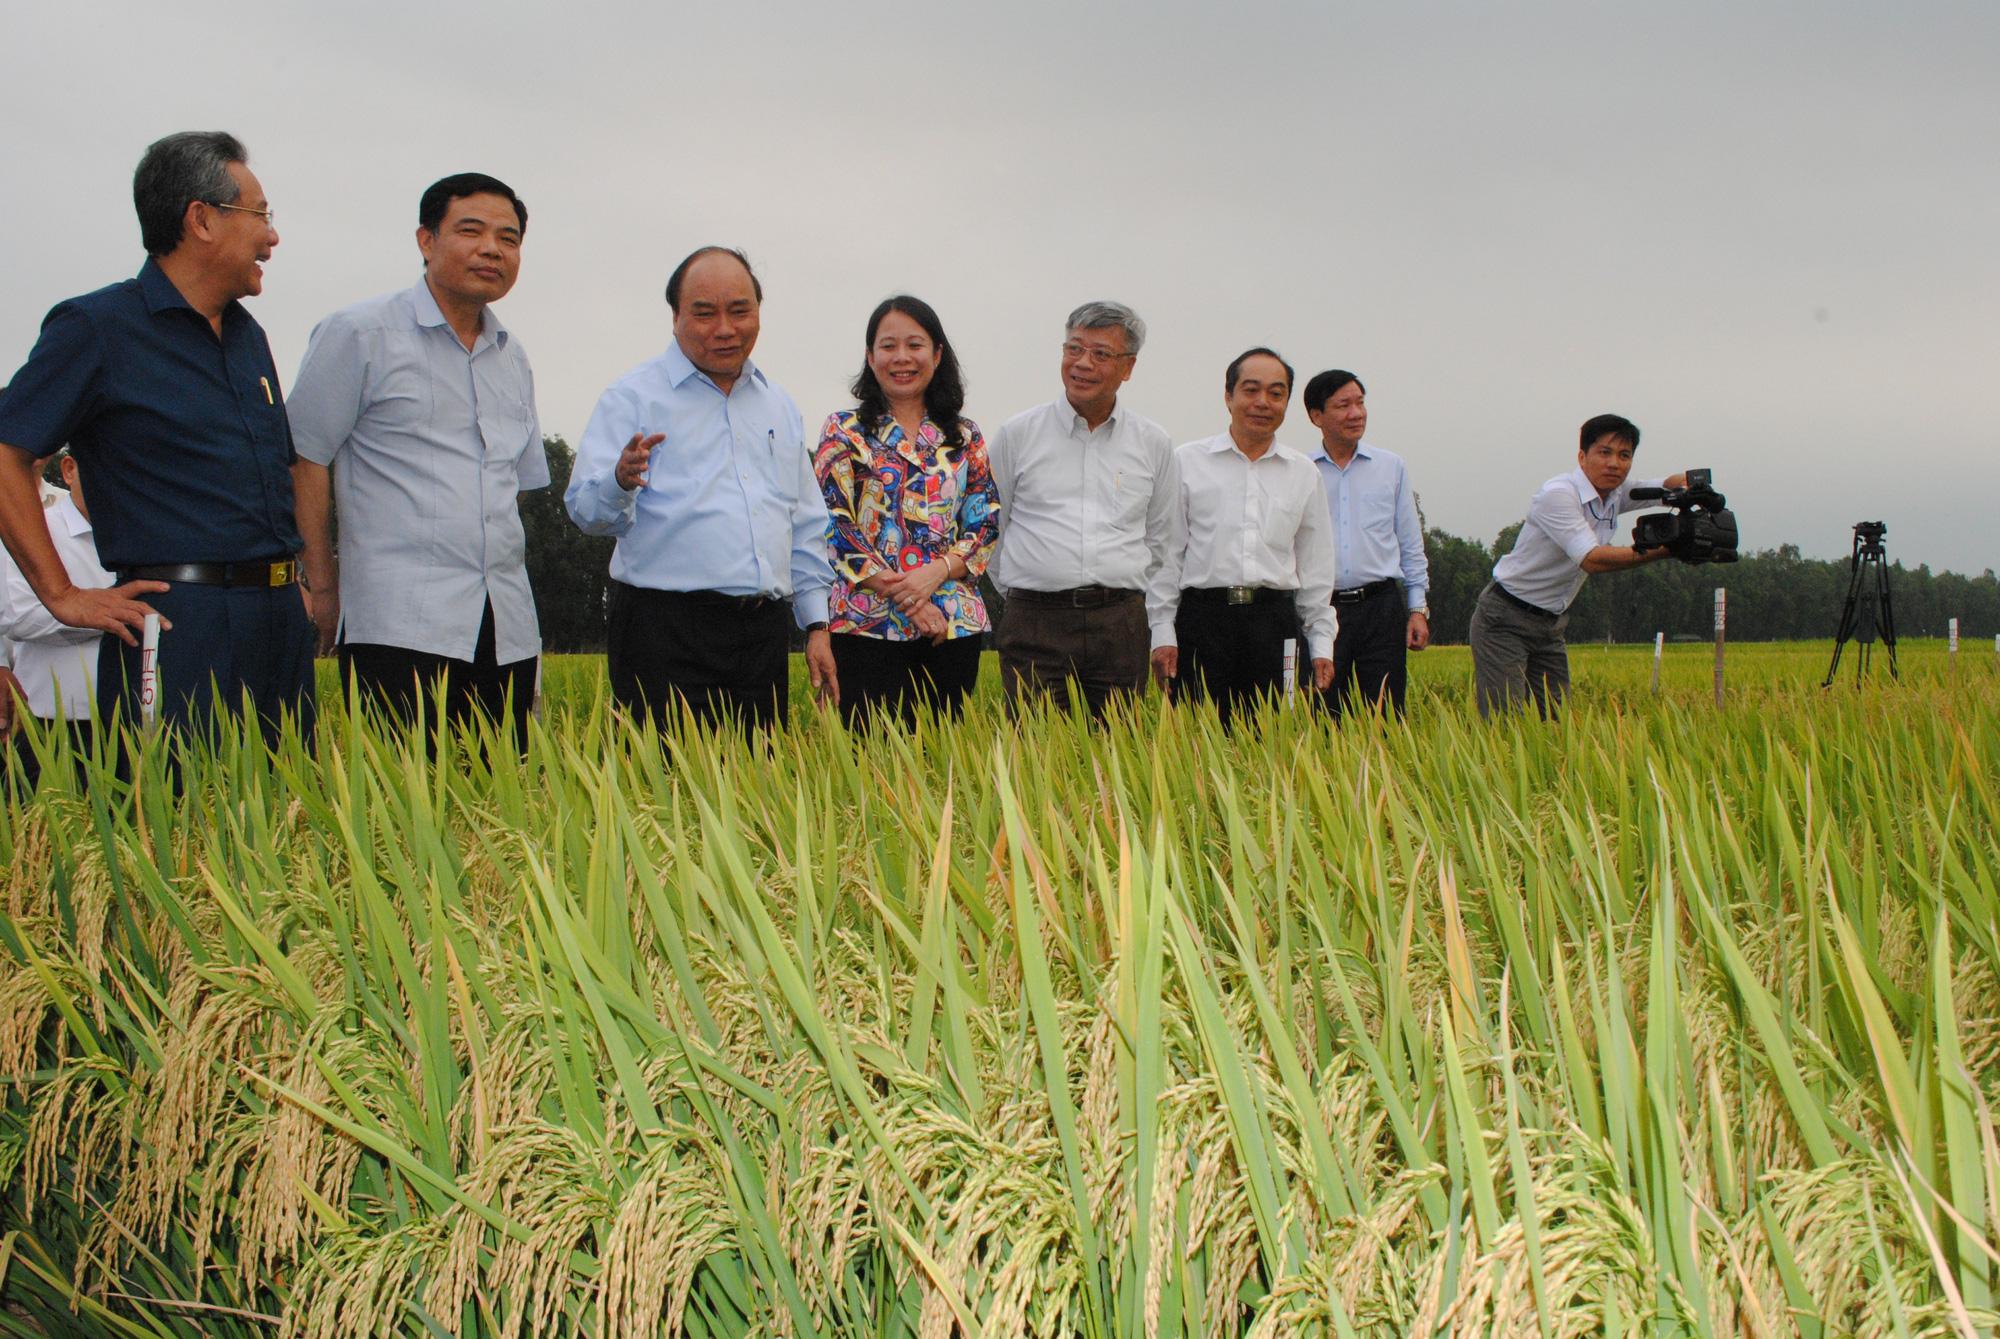 An Giang: Lấy nông nghiệp và du lịch làm nền tảng, động lực phát triển kinh tế - Ảnh 1.